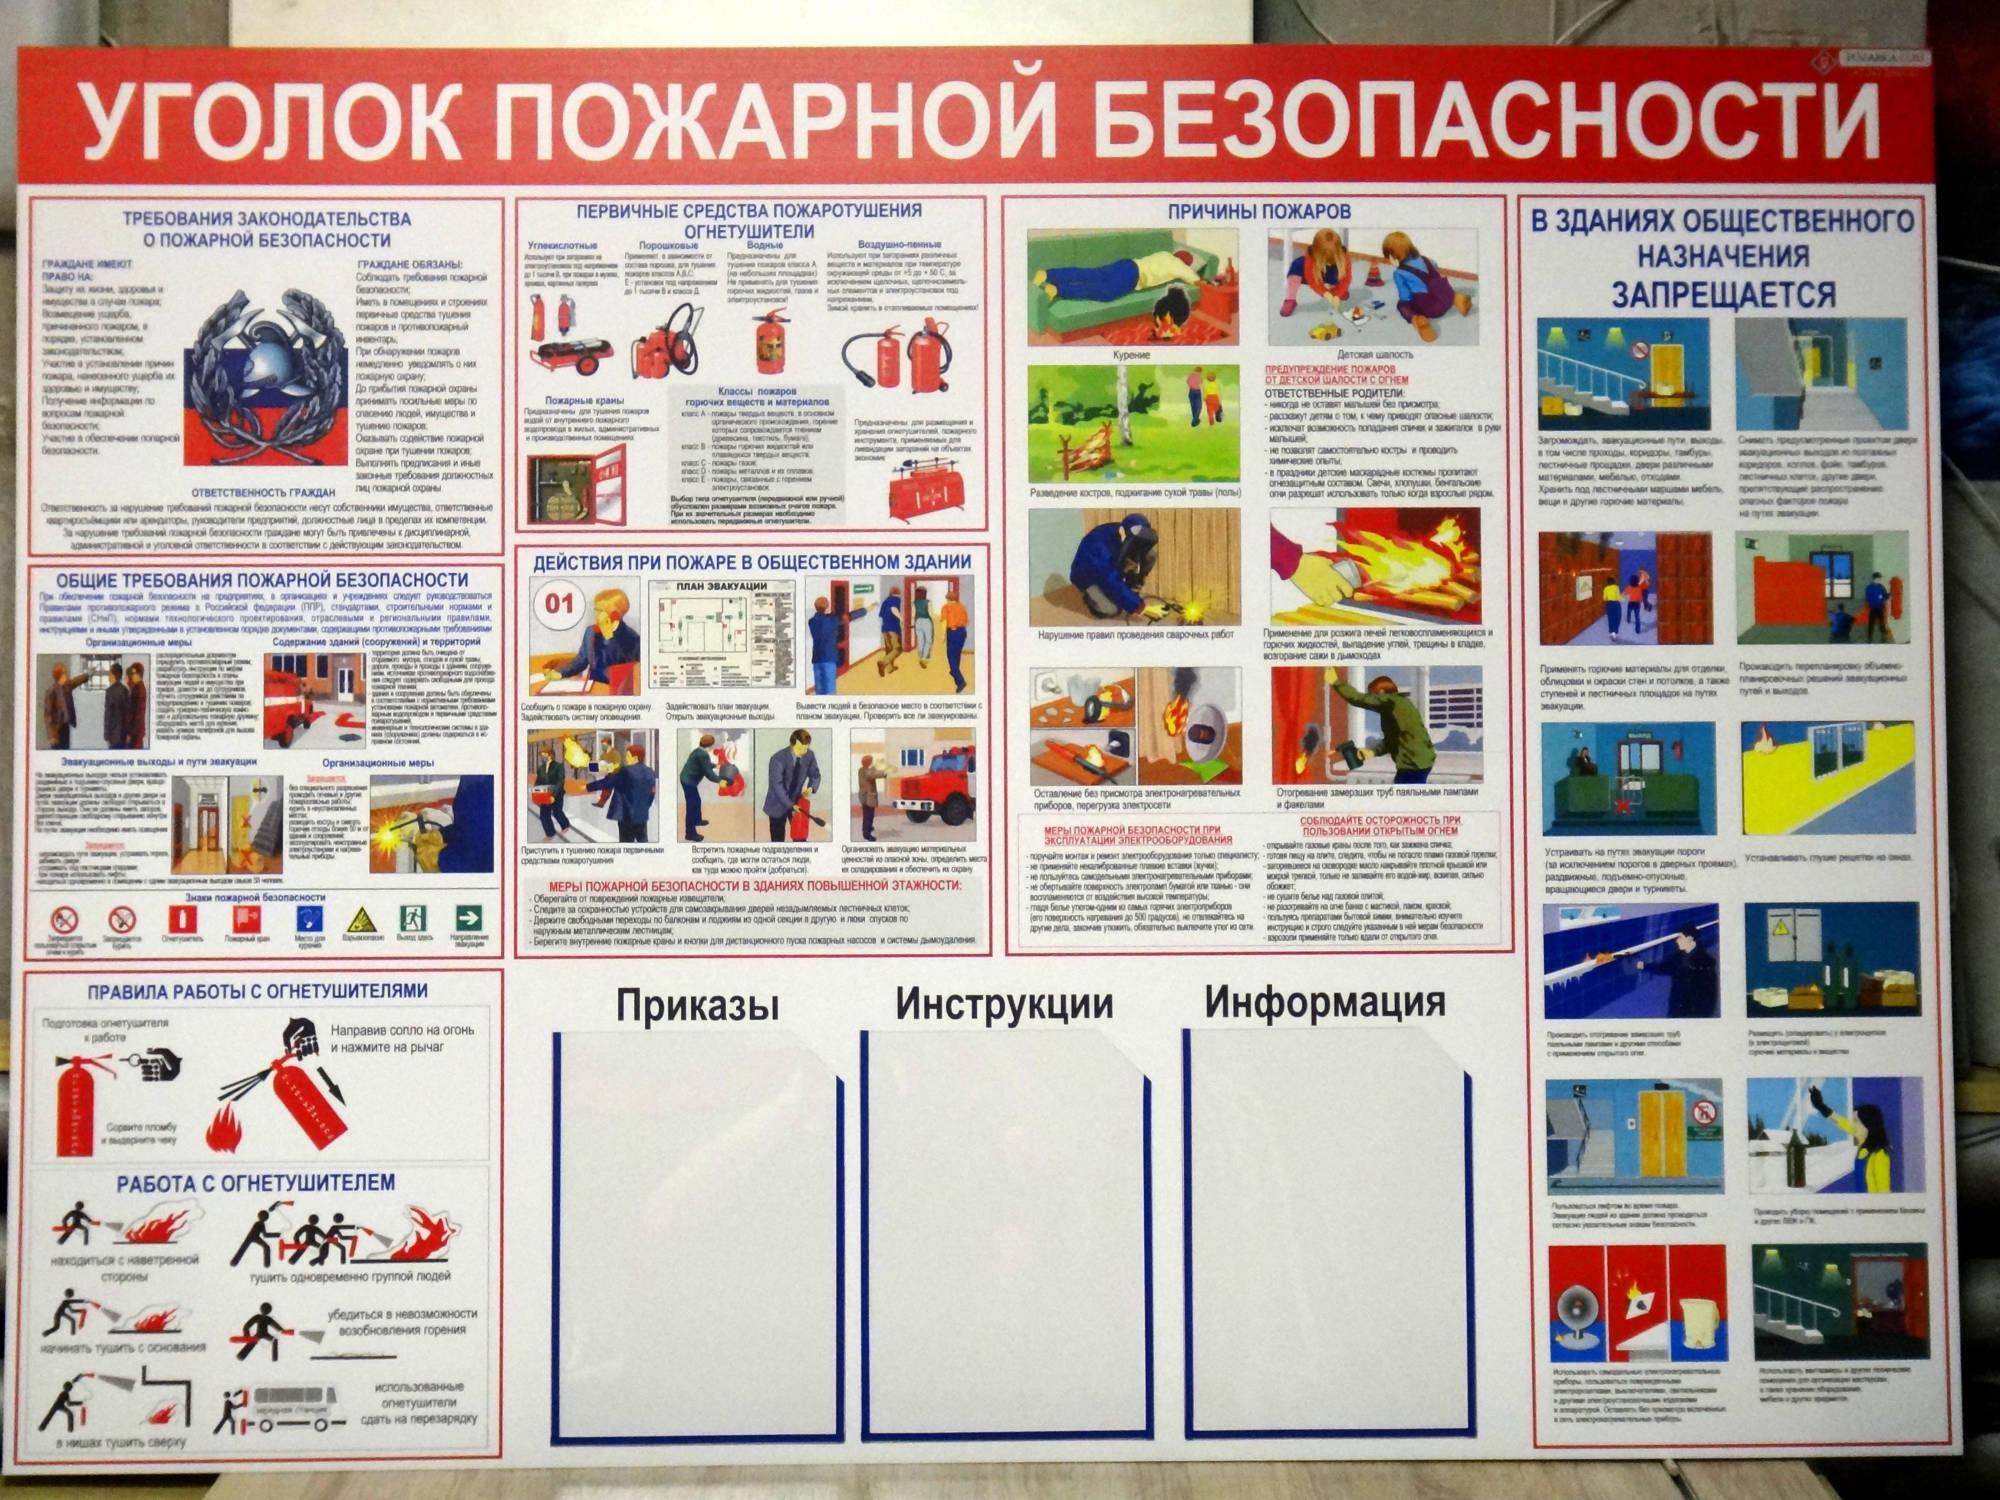 Основные документы по пожарной безопасности размещаются для открытого доступа на стендах.